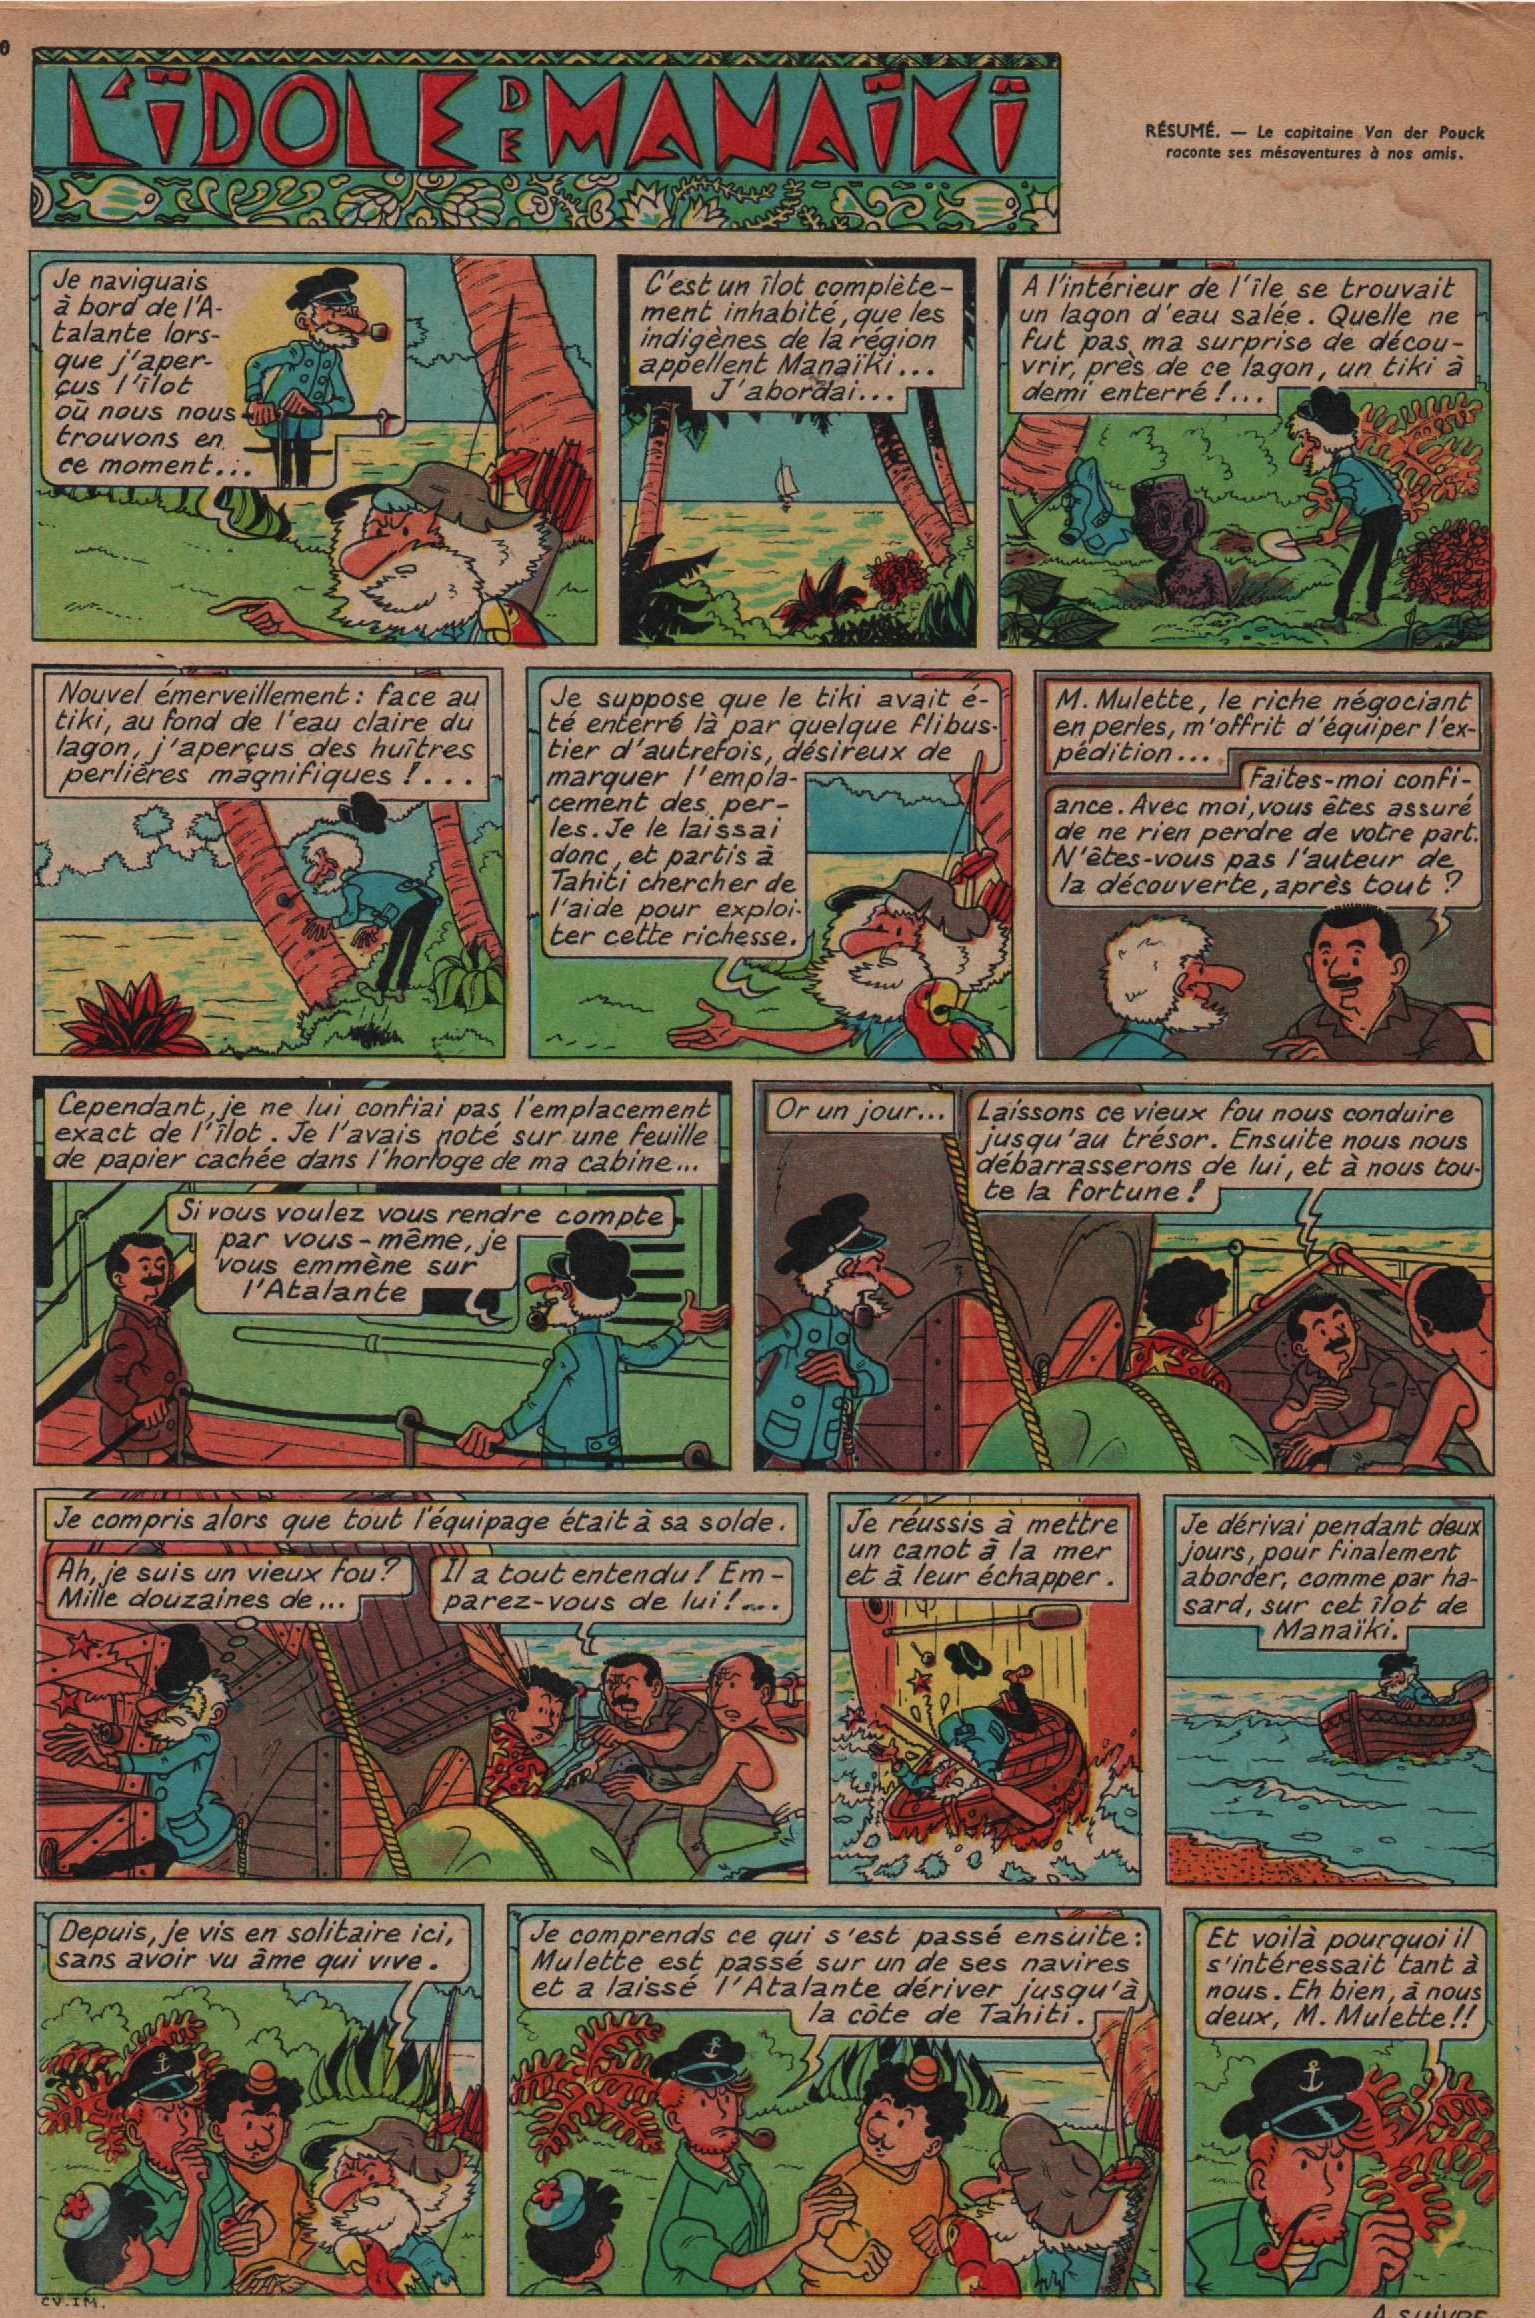 « Pompon rouge : L'Idole de Manaïki » Cœurs vaillants n° 1 (05-01-1958)